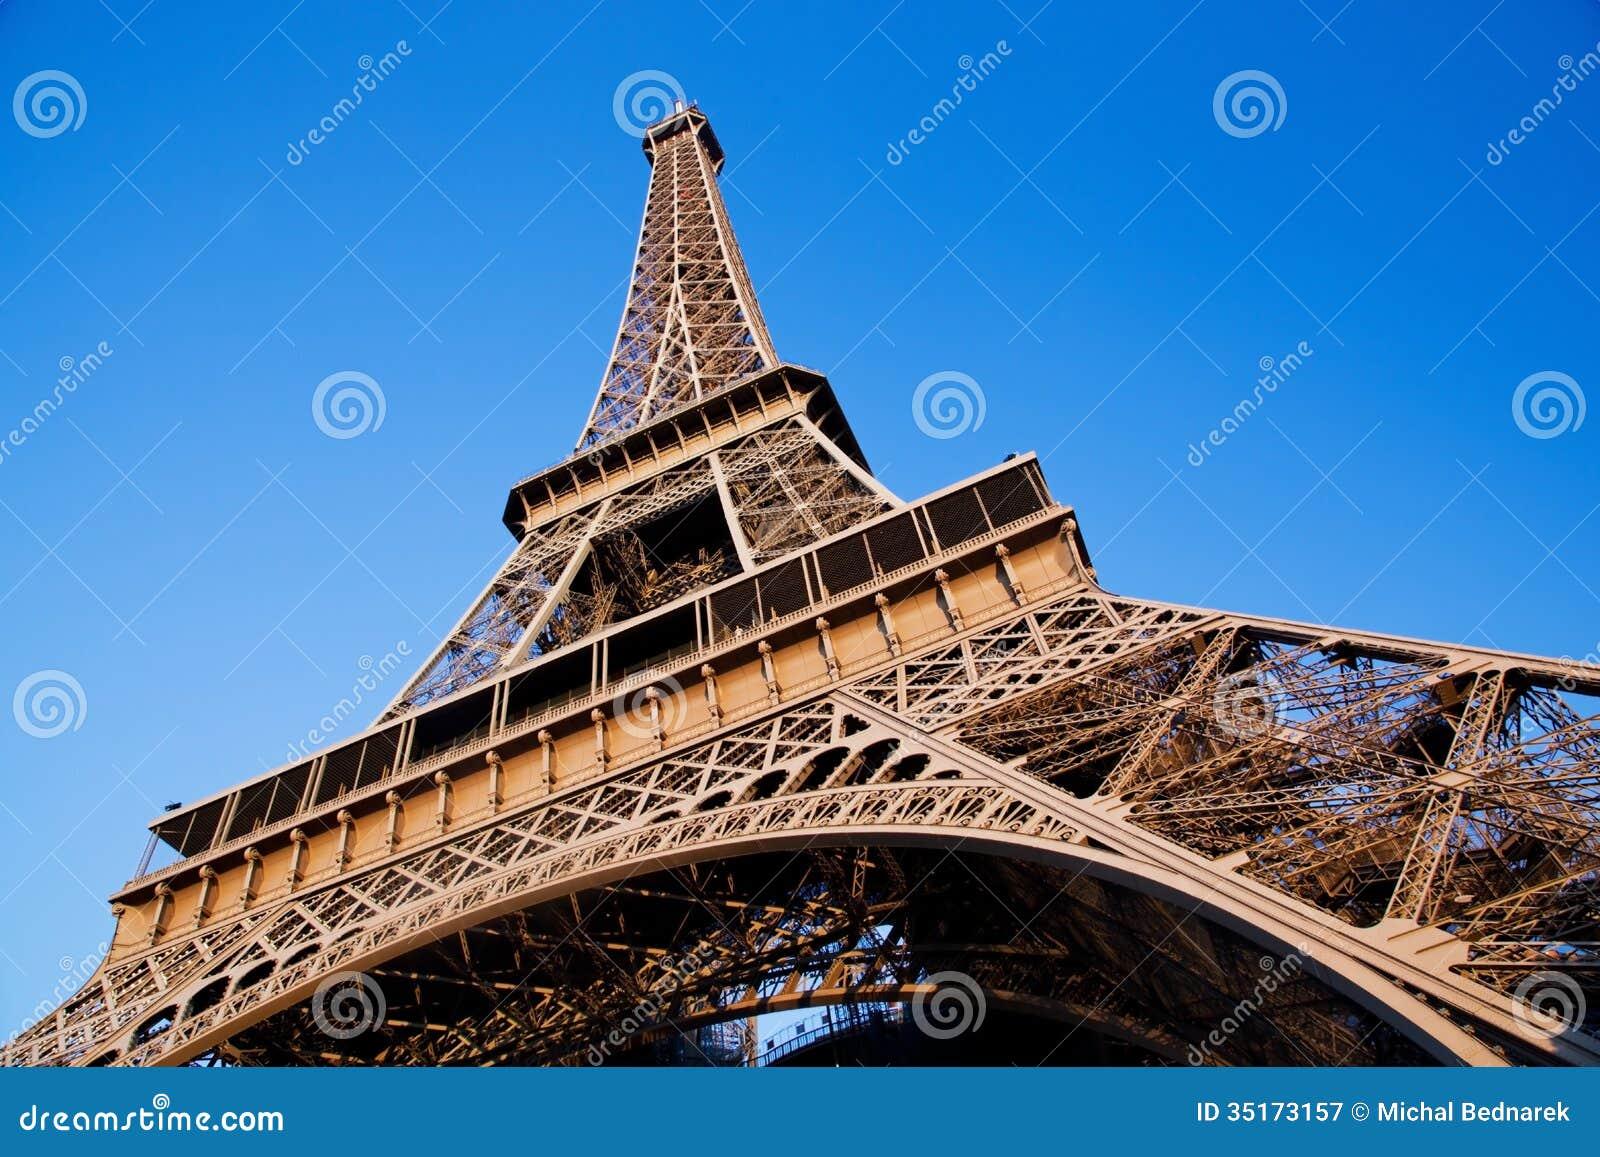 广角的艾菲尔铁塔.蓝色晴朗的天空.巴黎,法国.